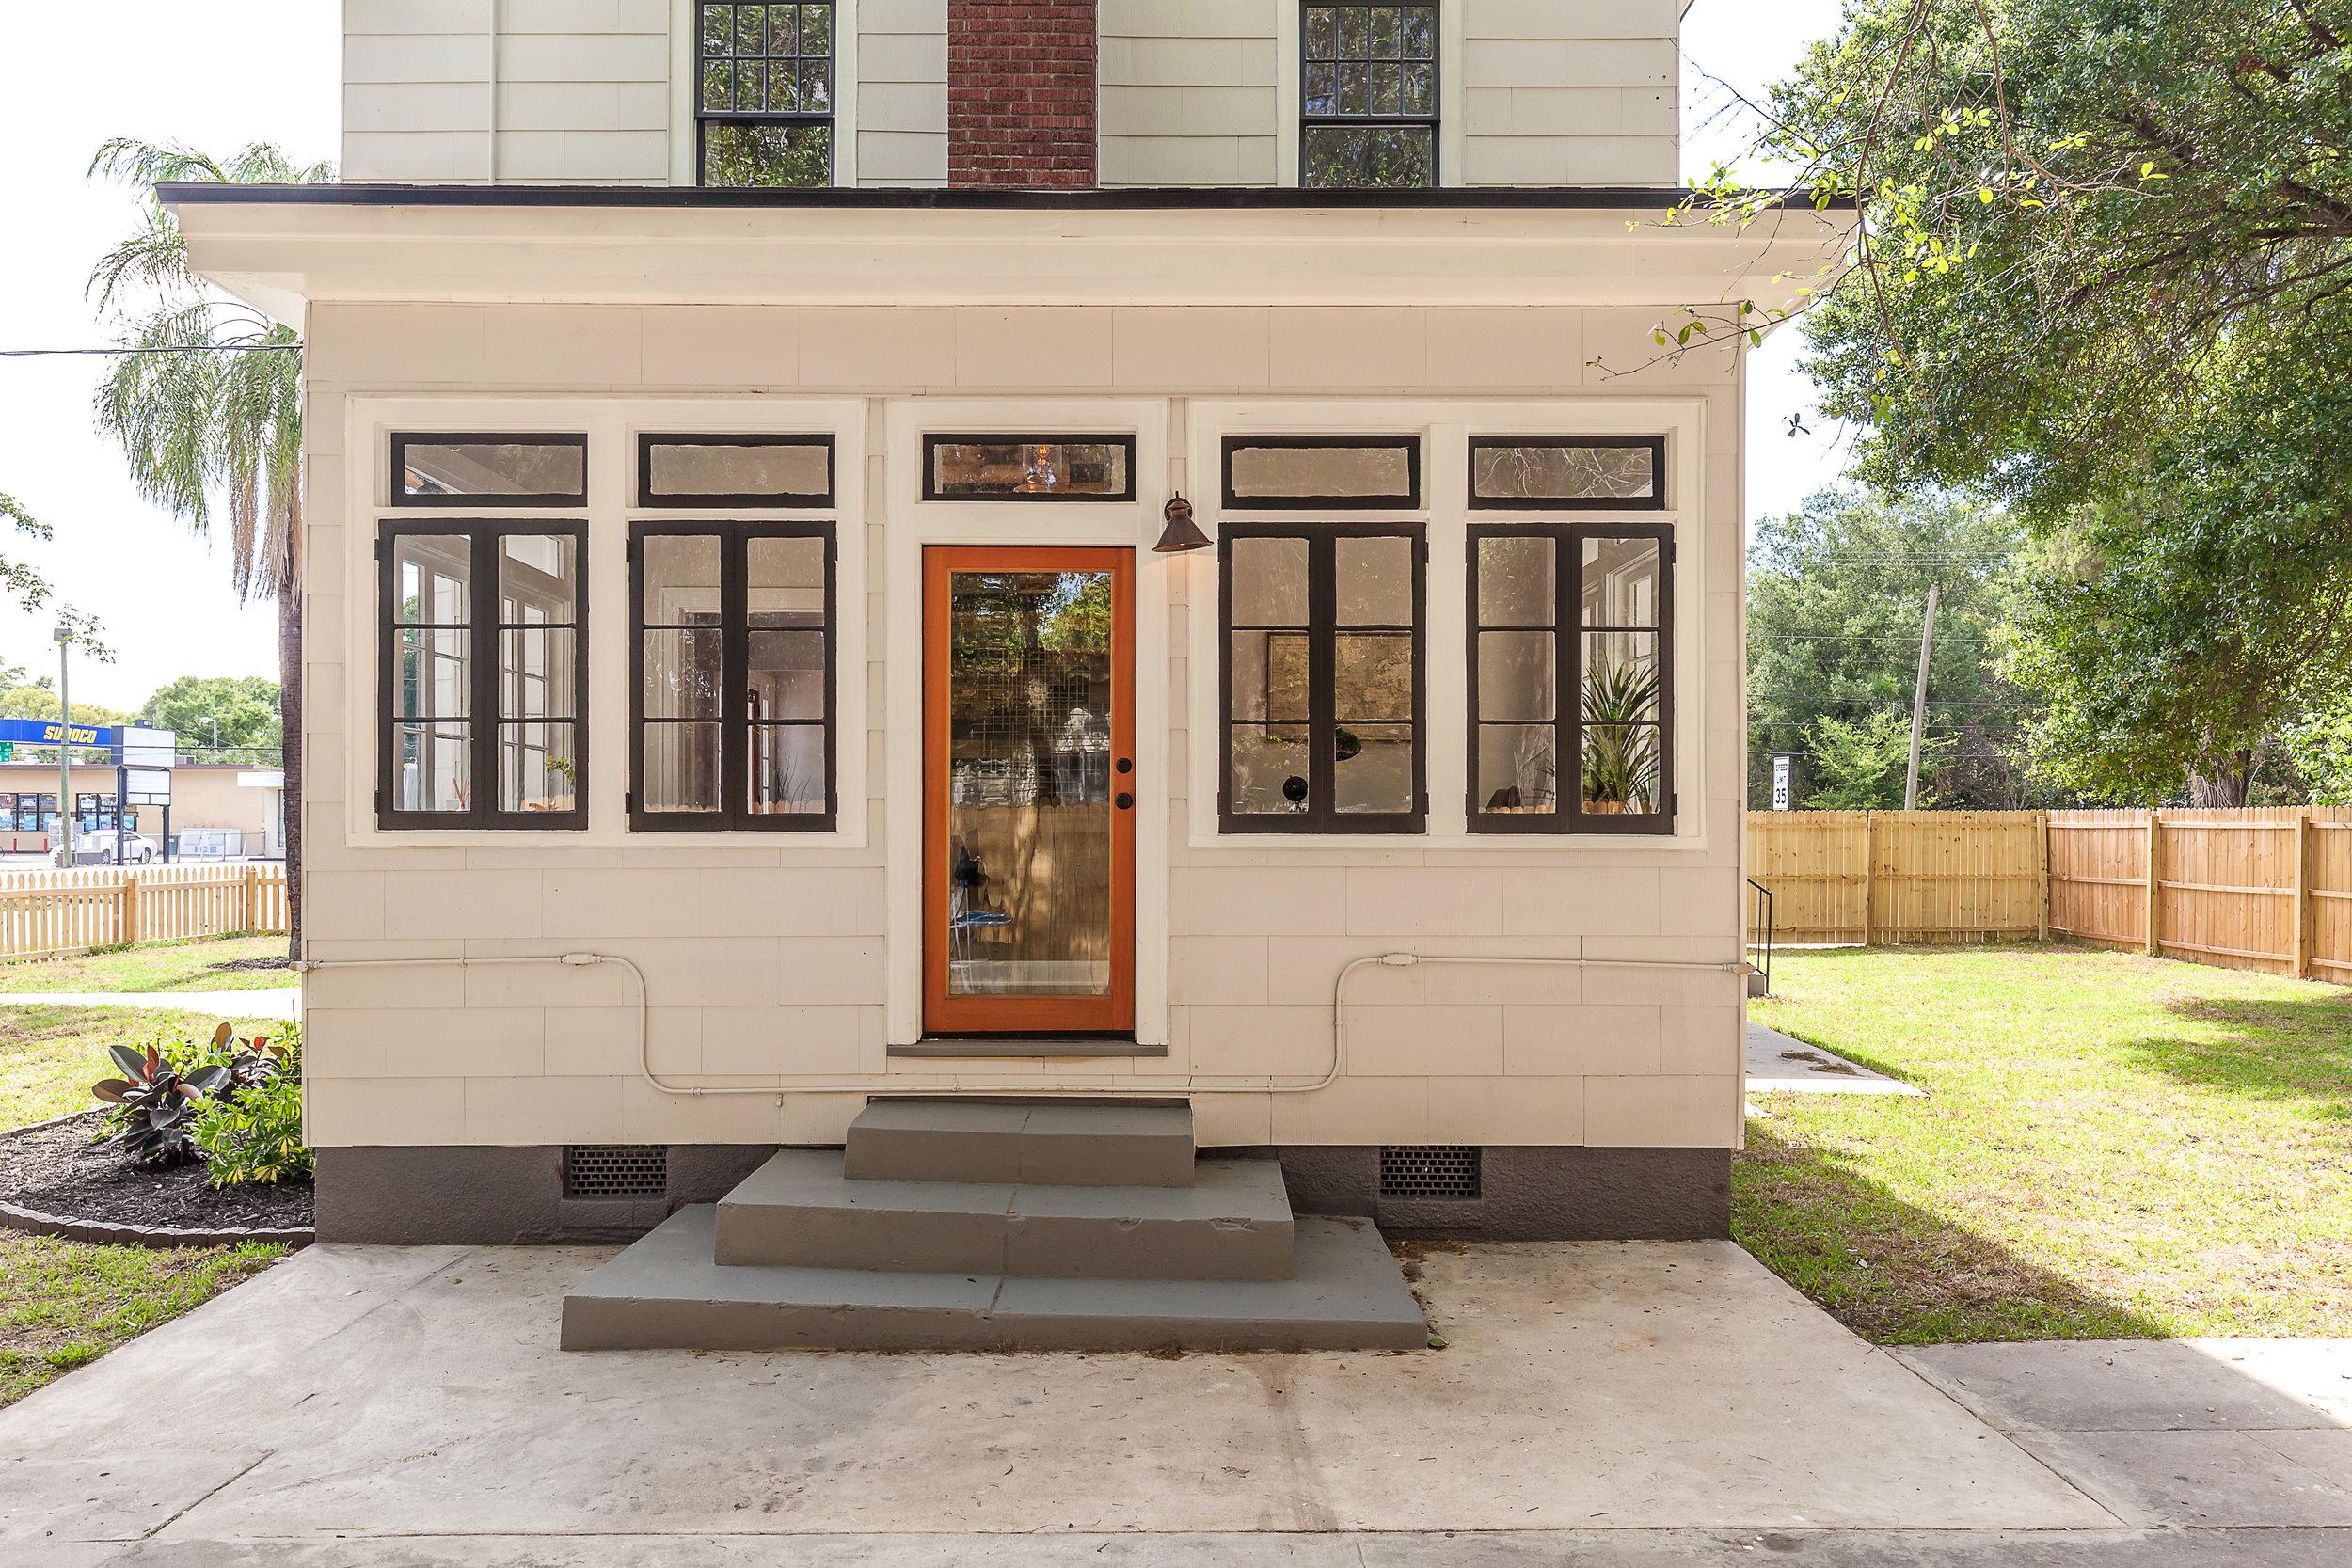 902 E. Louisiana 044.jpg